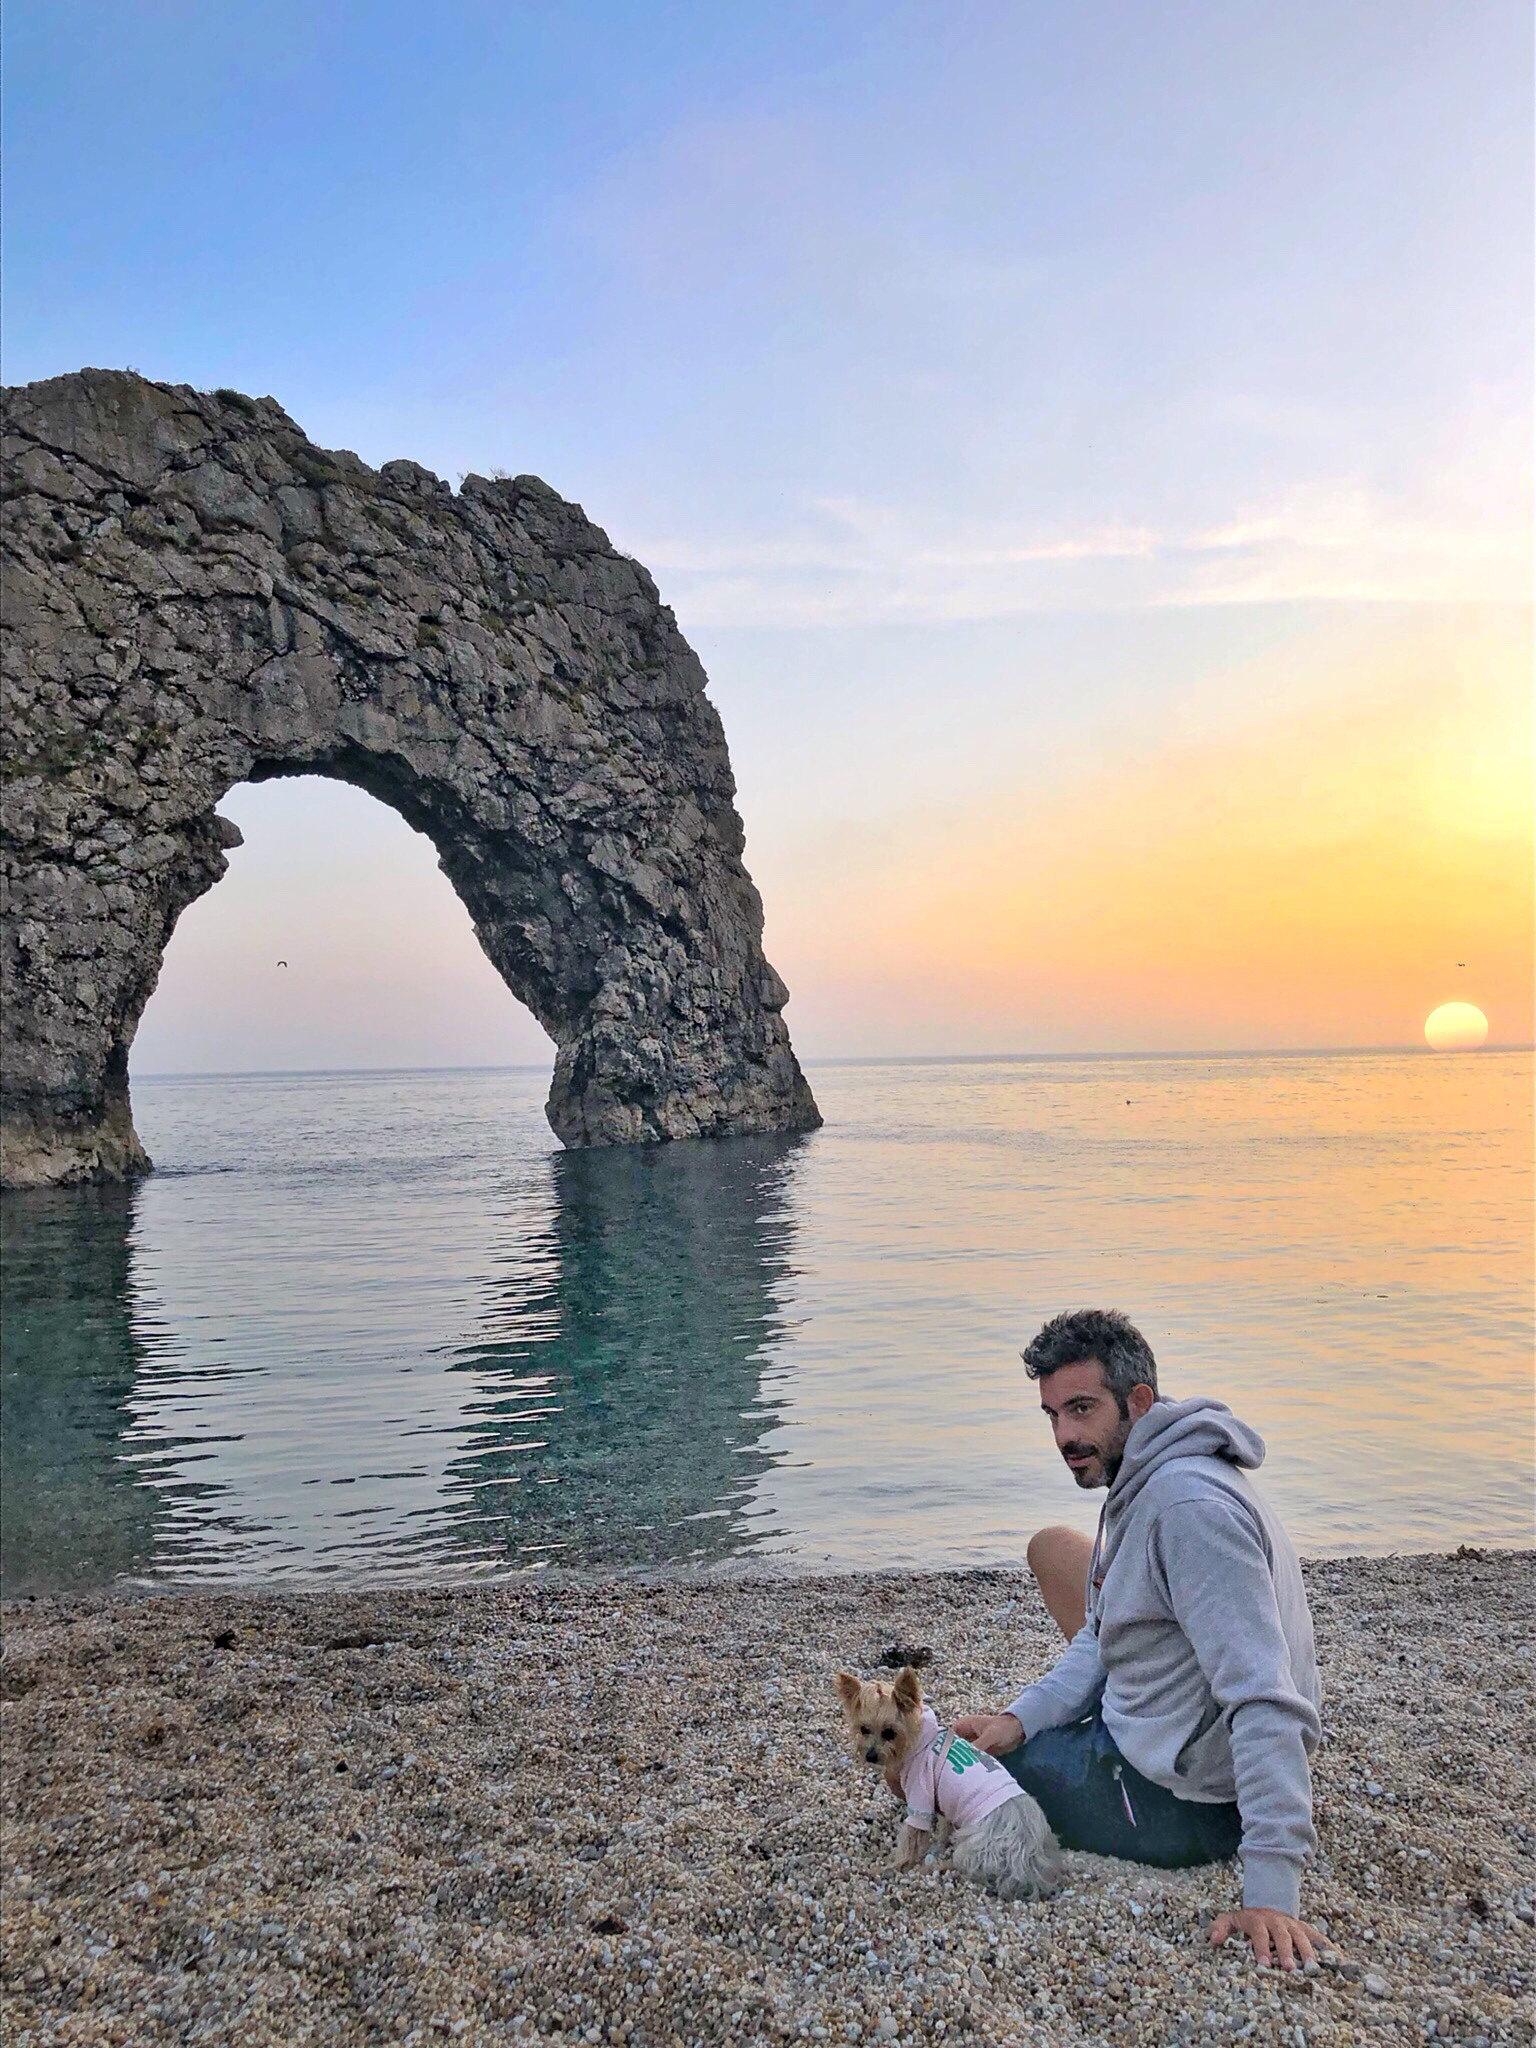 Costa Jurásica de Inglaterra - Thewotme costa jurásica - 50061932686 806f0319a4 k - Costa Jurásica de Inglaterra, un viaje de millones de años